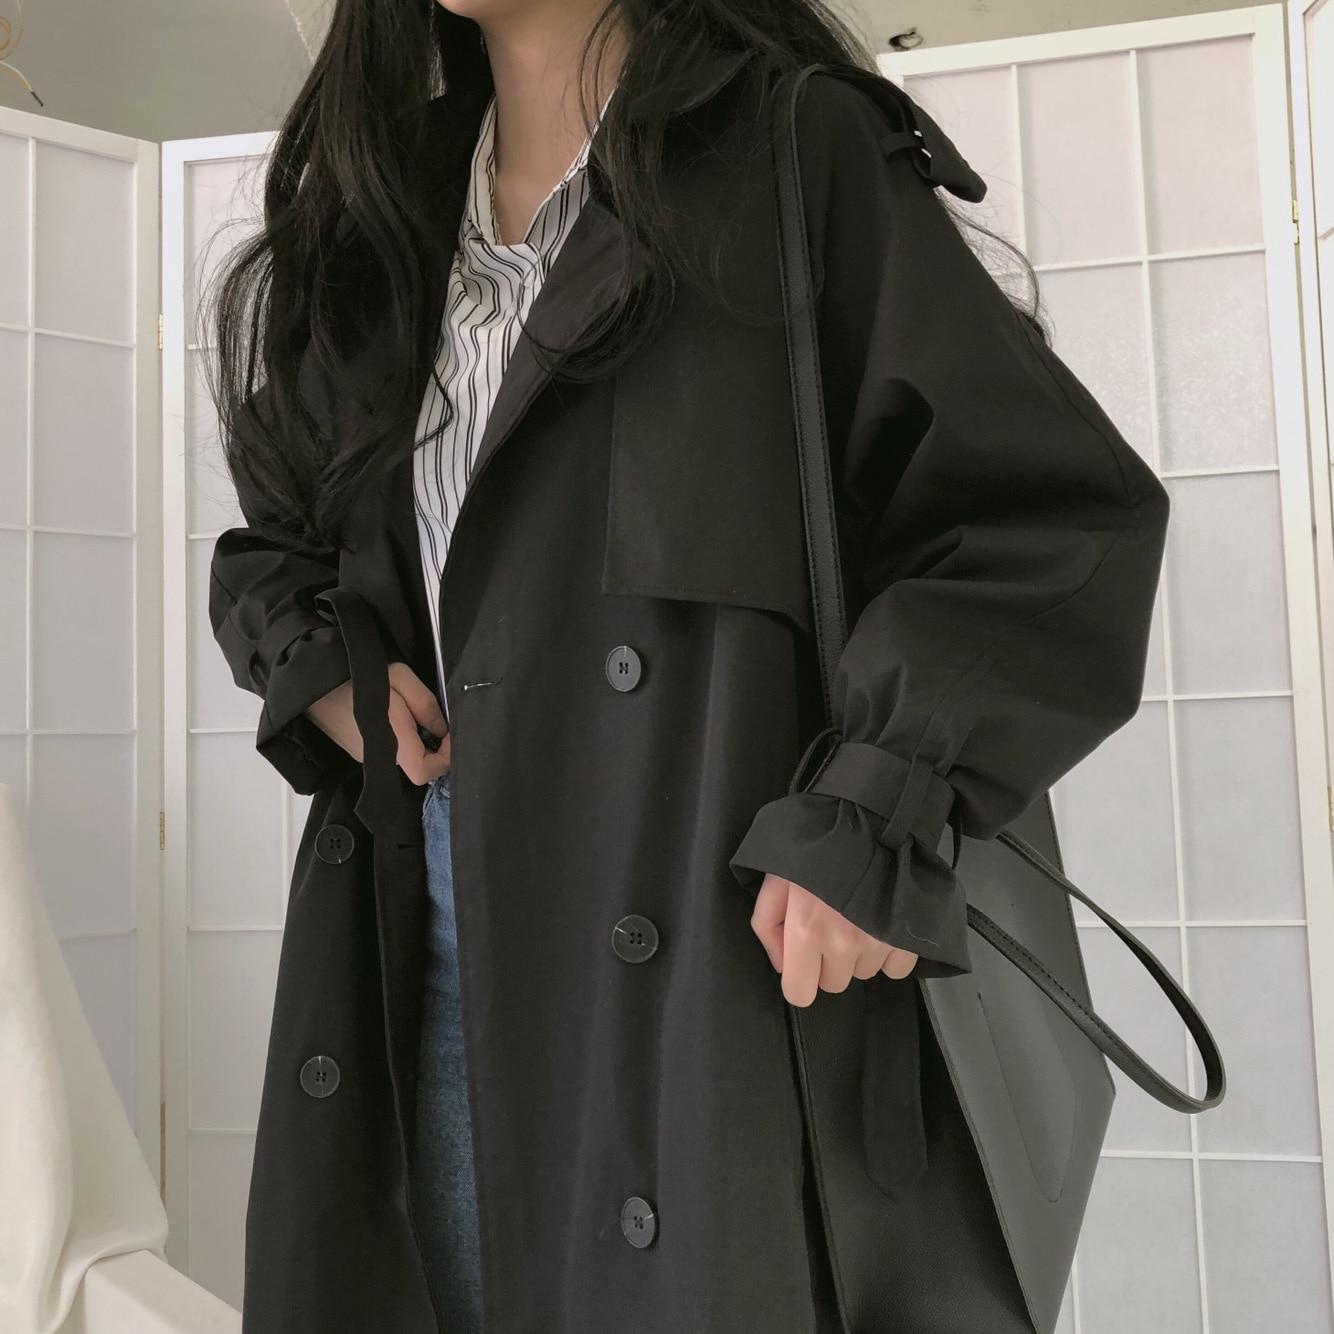 韓国 ファッション アウター トレンチコート 秋 冬 春 カジュアル PTXG700  ビッグシルエット キャンディースリーブ風 春秋 オルチャン シンプル 定番 セレカジの写真7枚目